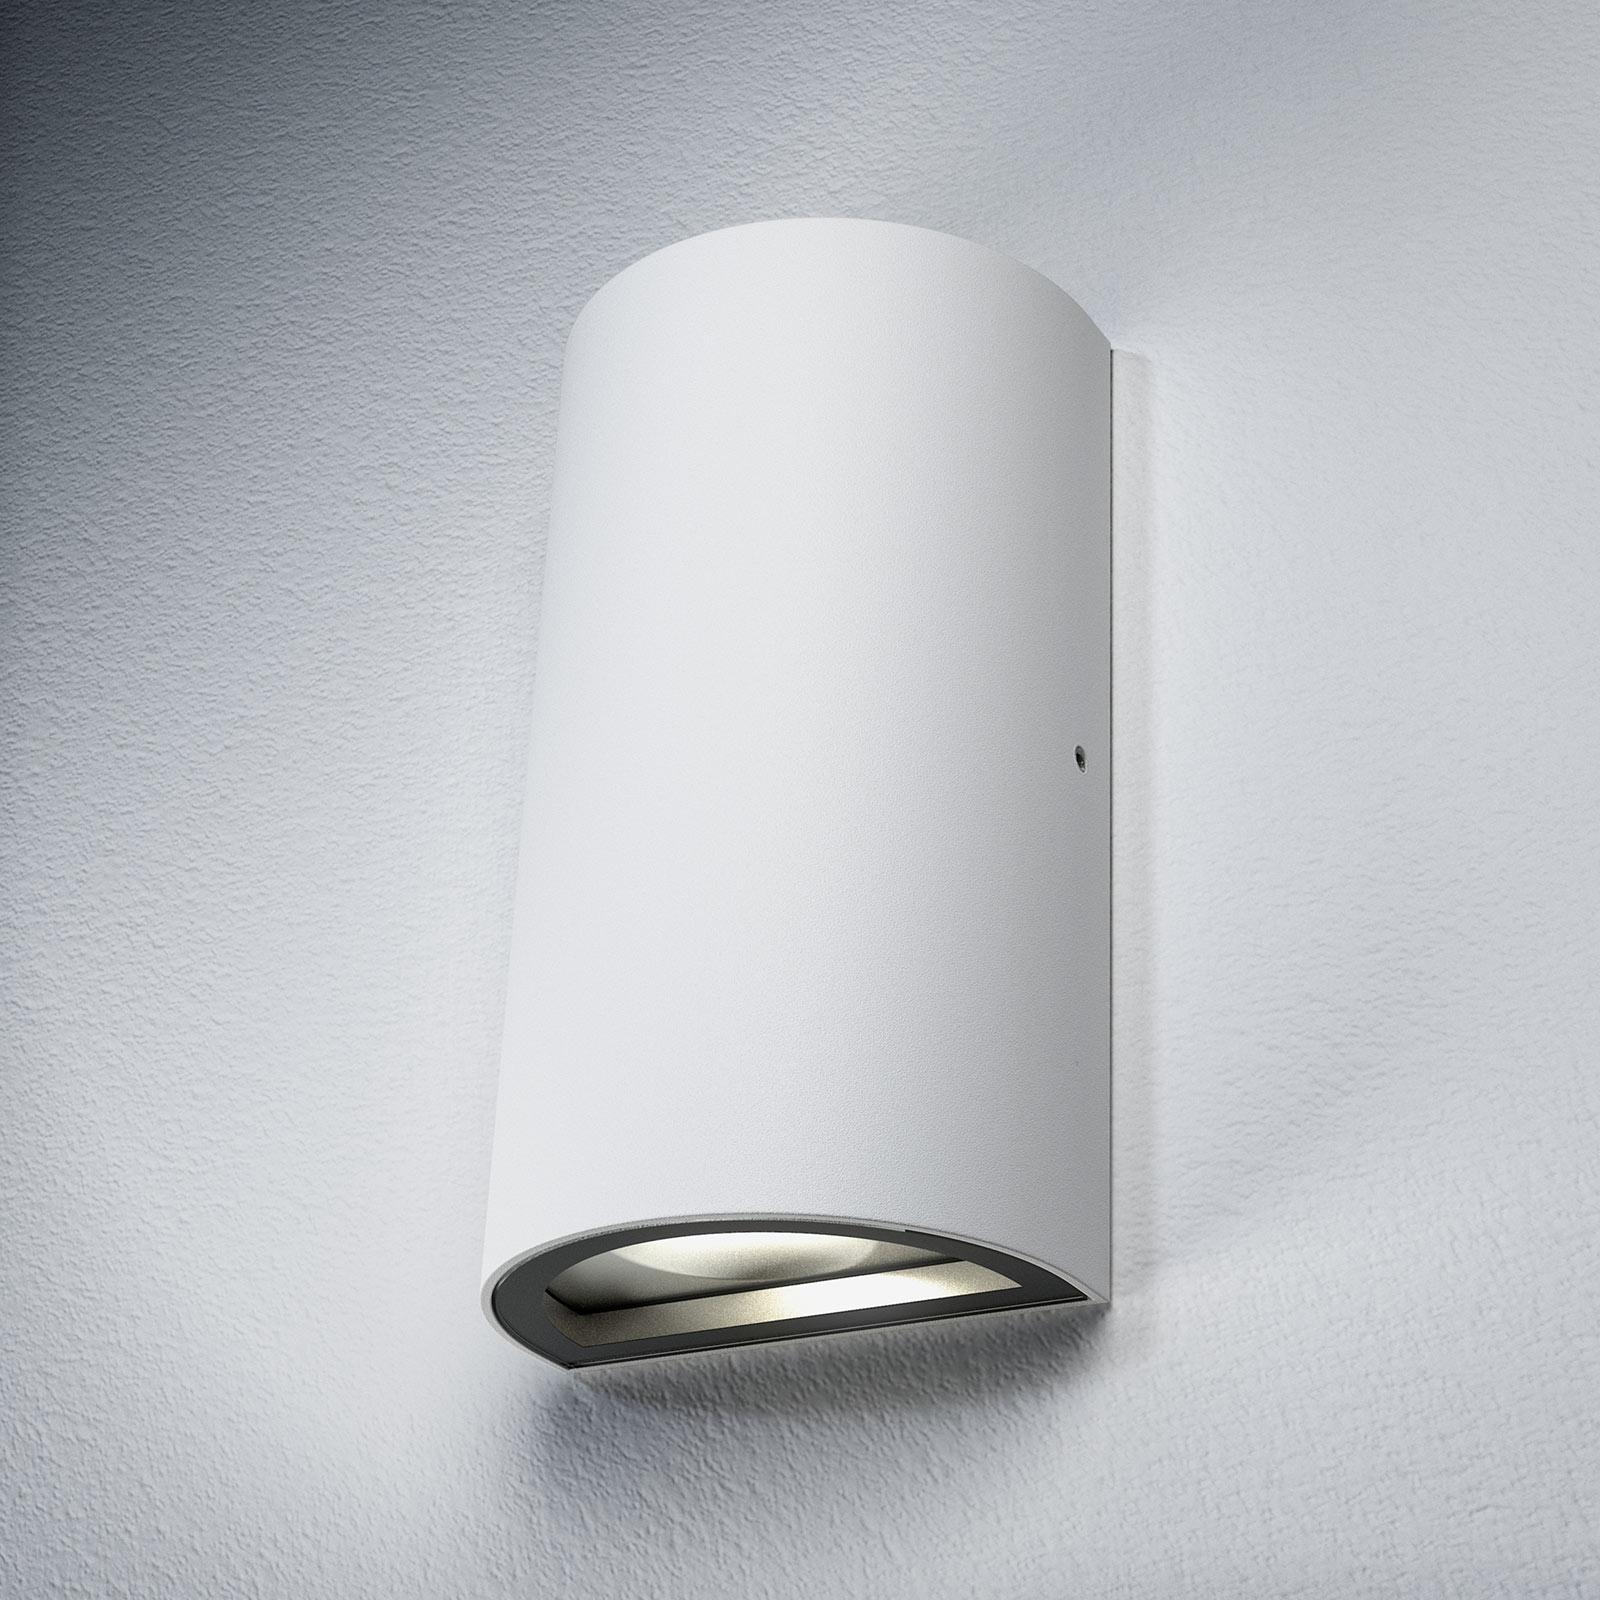 LEDVANCE Endura Style UpDown valaisin valkoinen